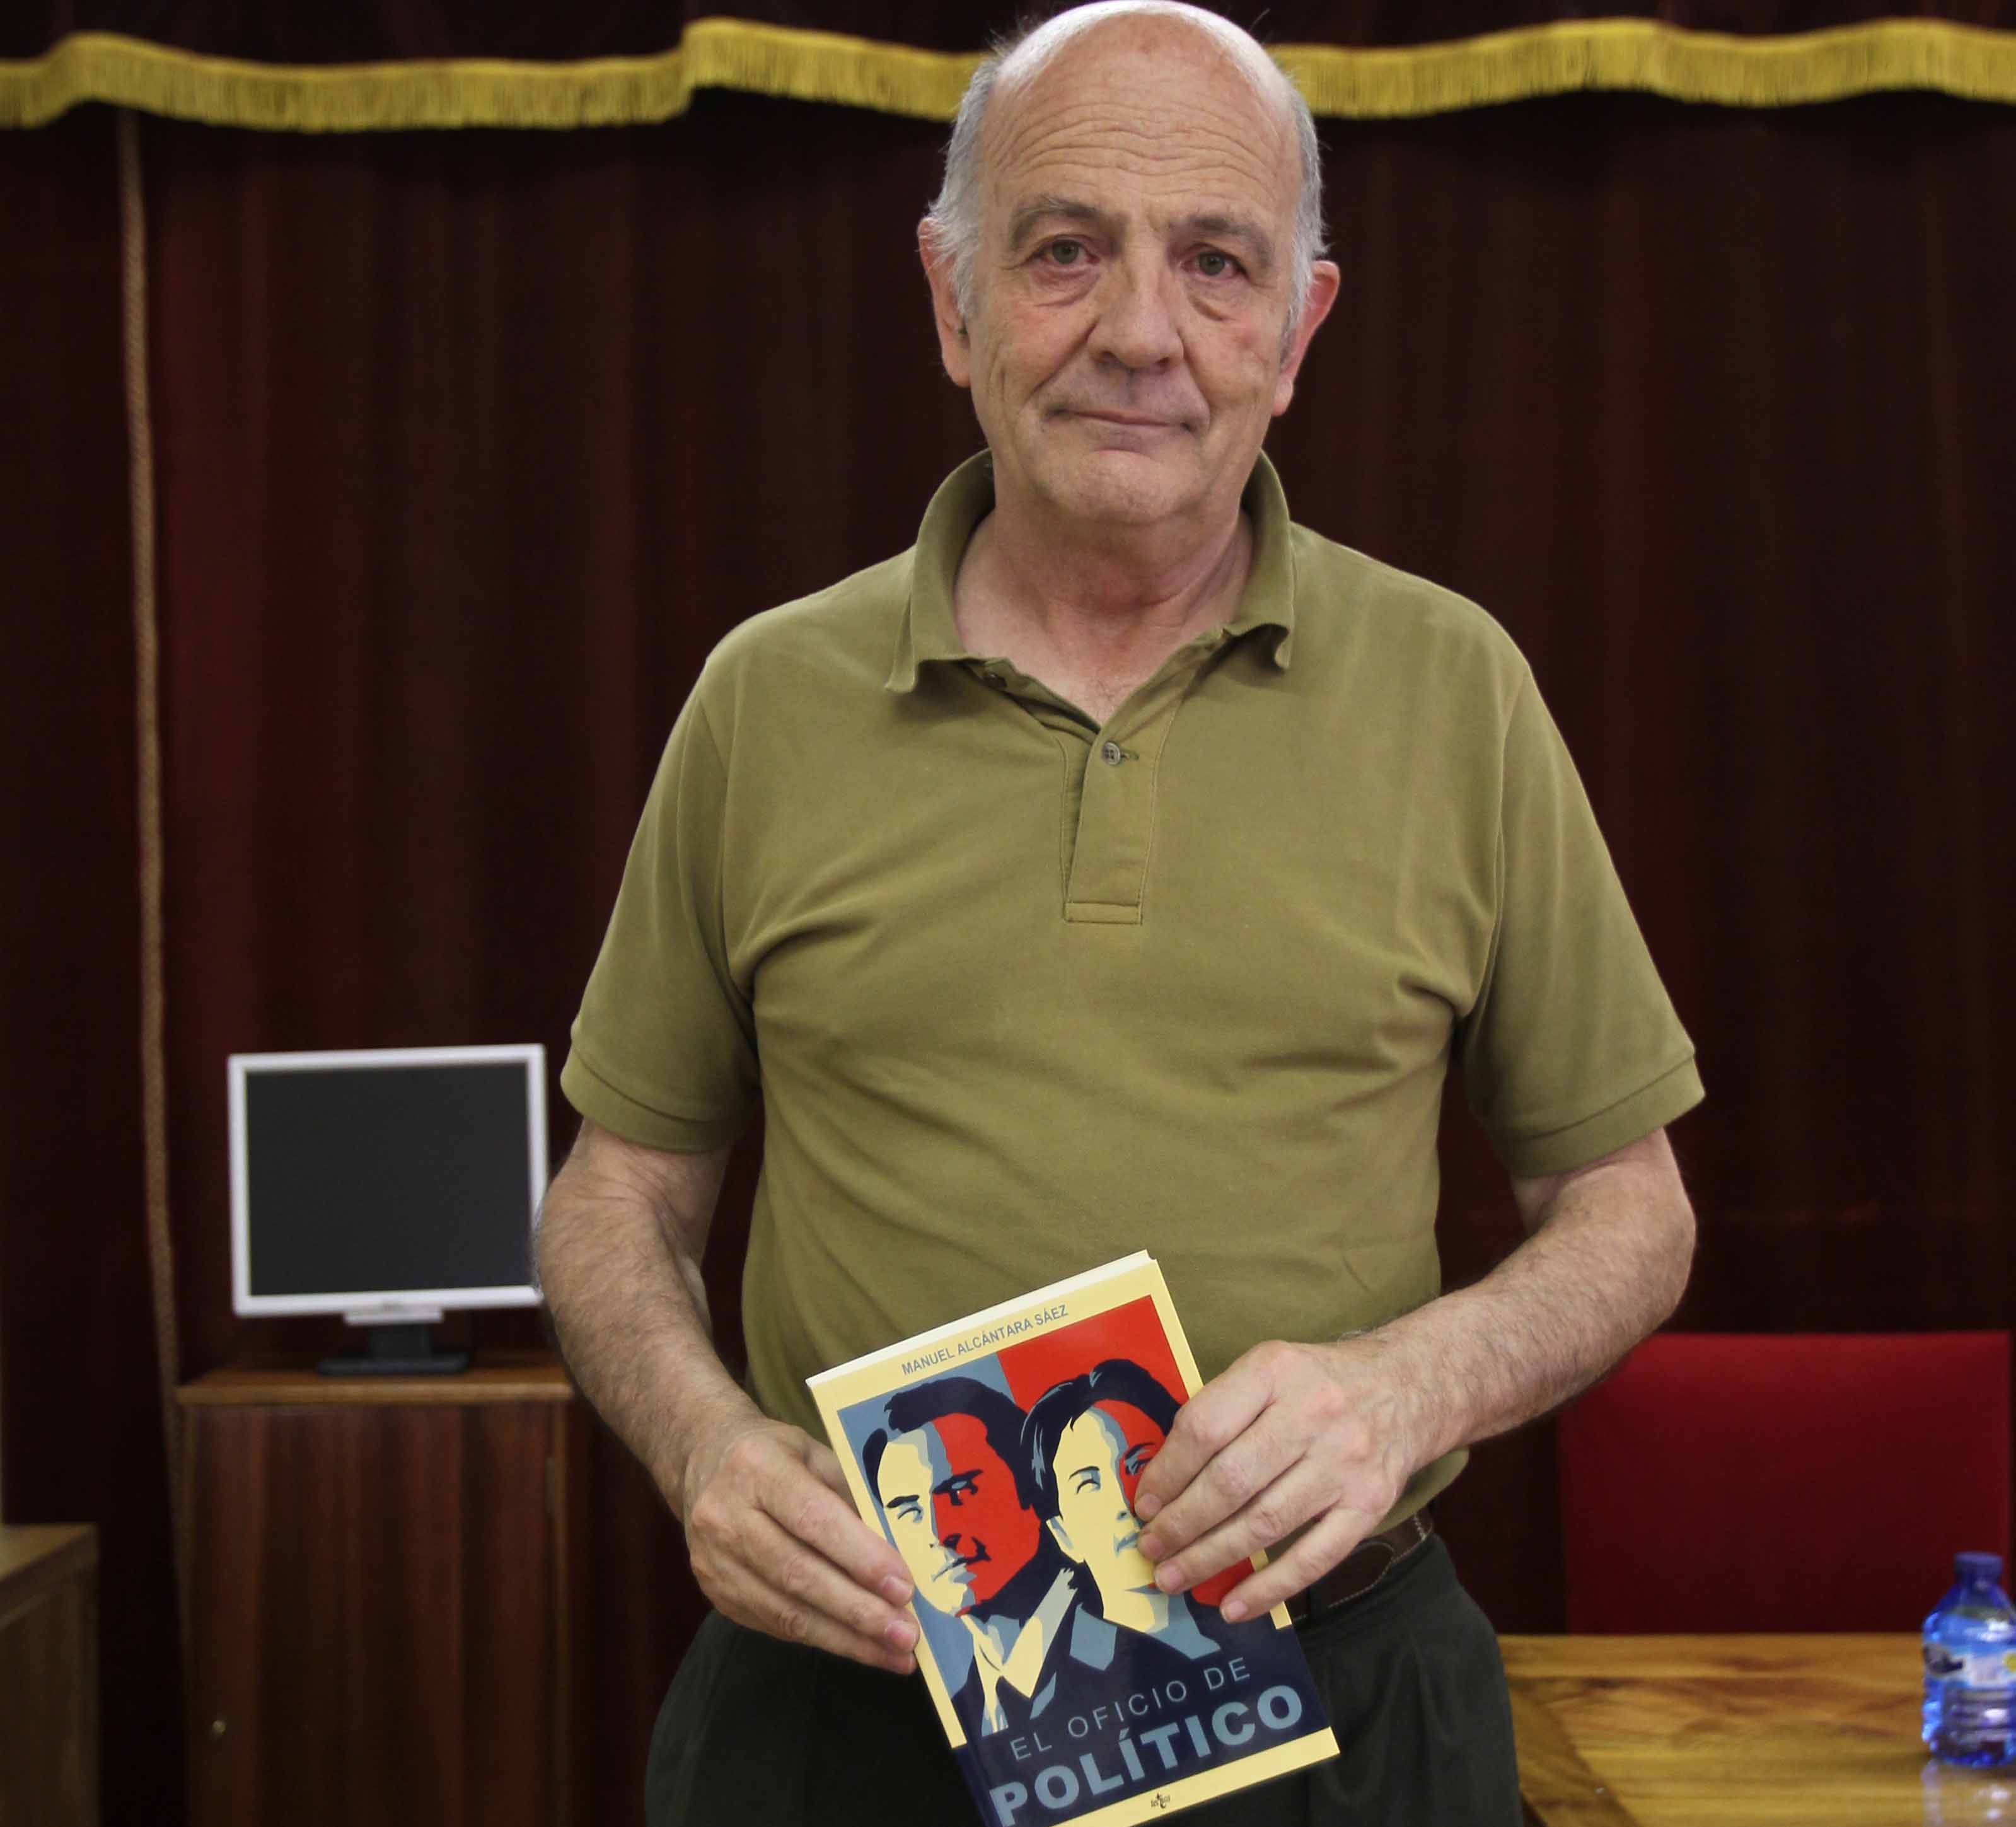 El catedrático de Ciencia Política, Manuel Alcántara, presenta su nuevo libro titulado 'El oficio político'